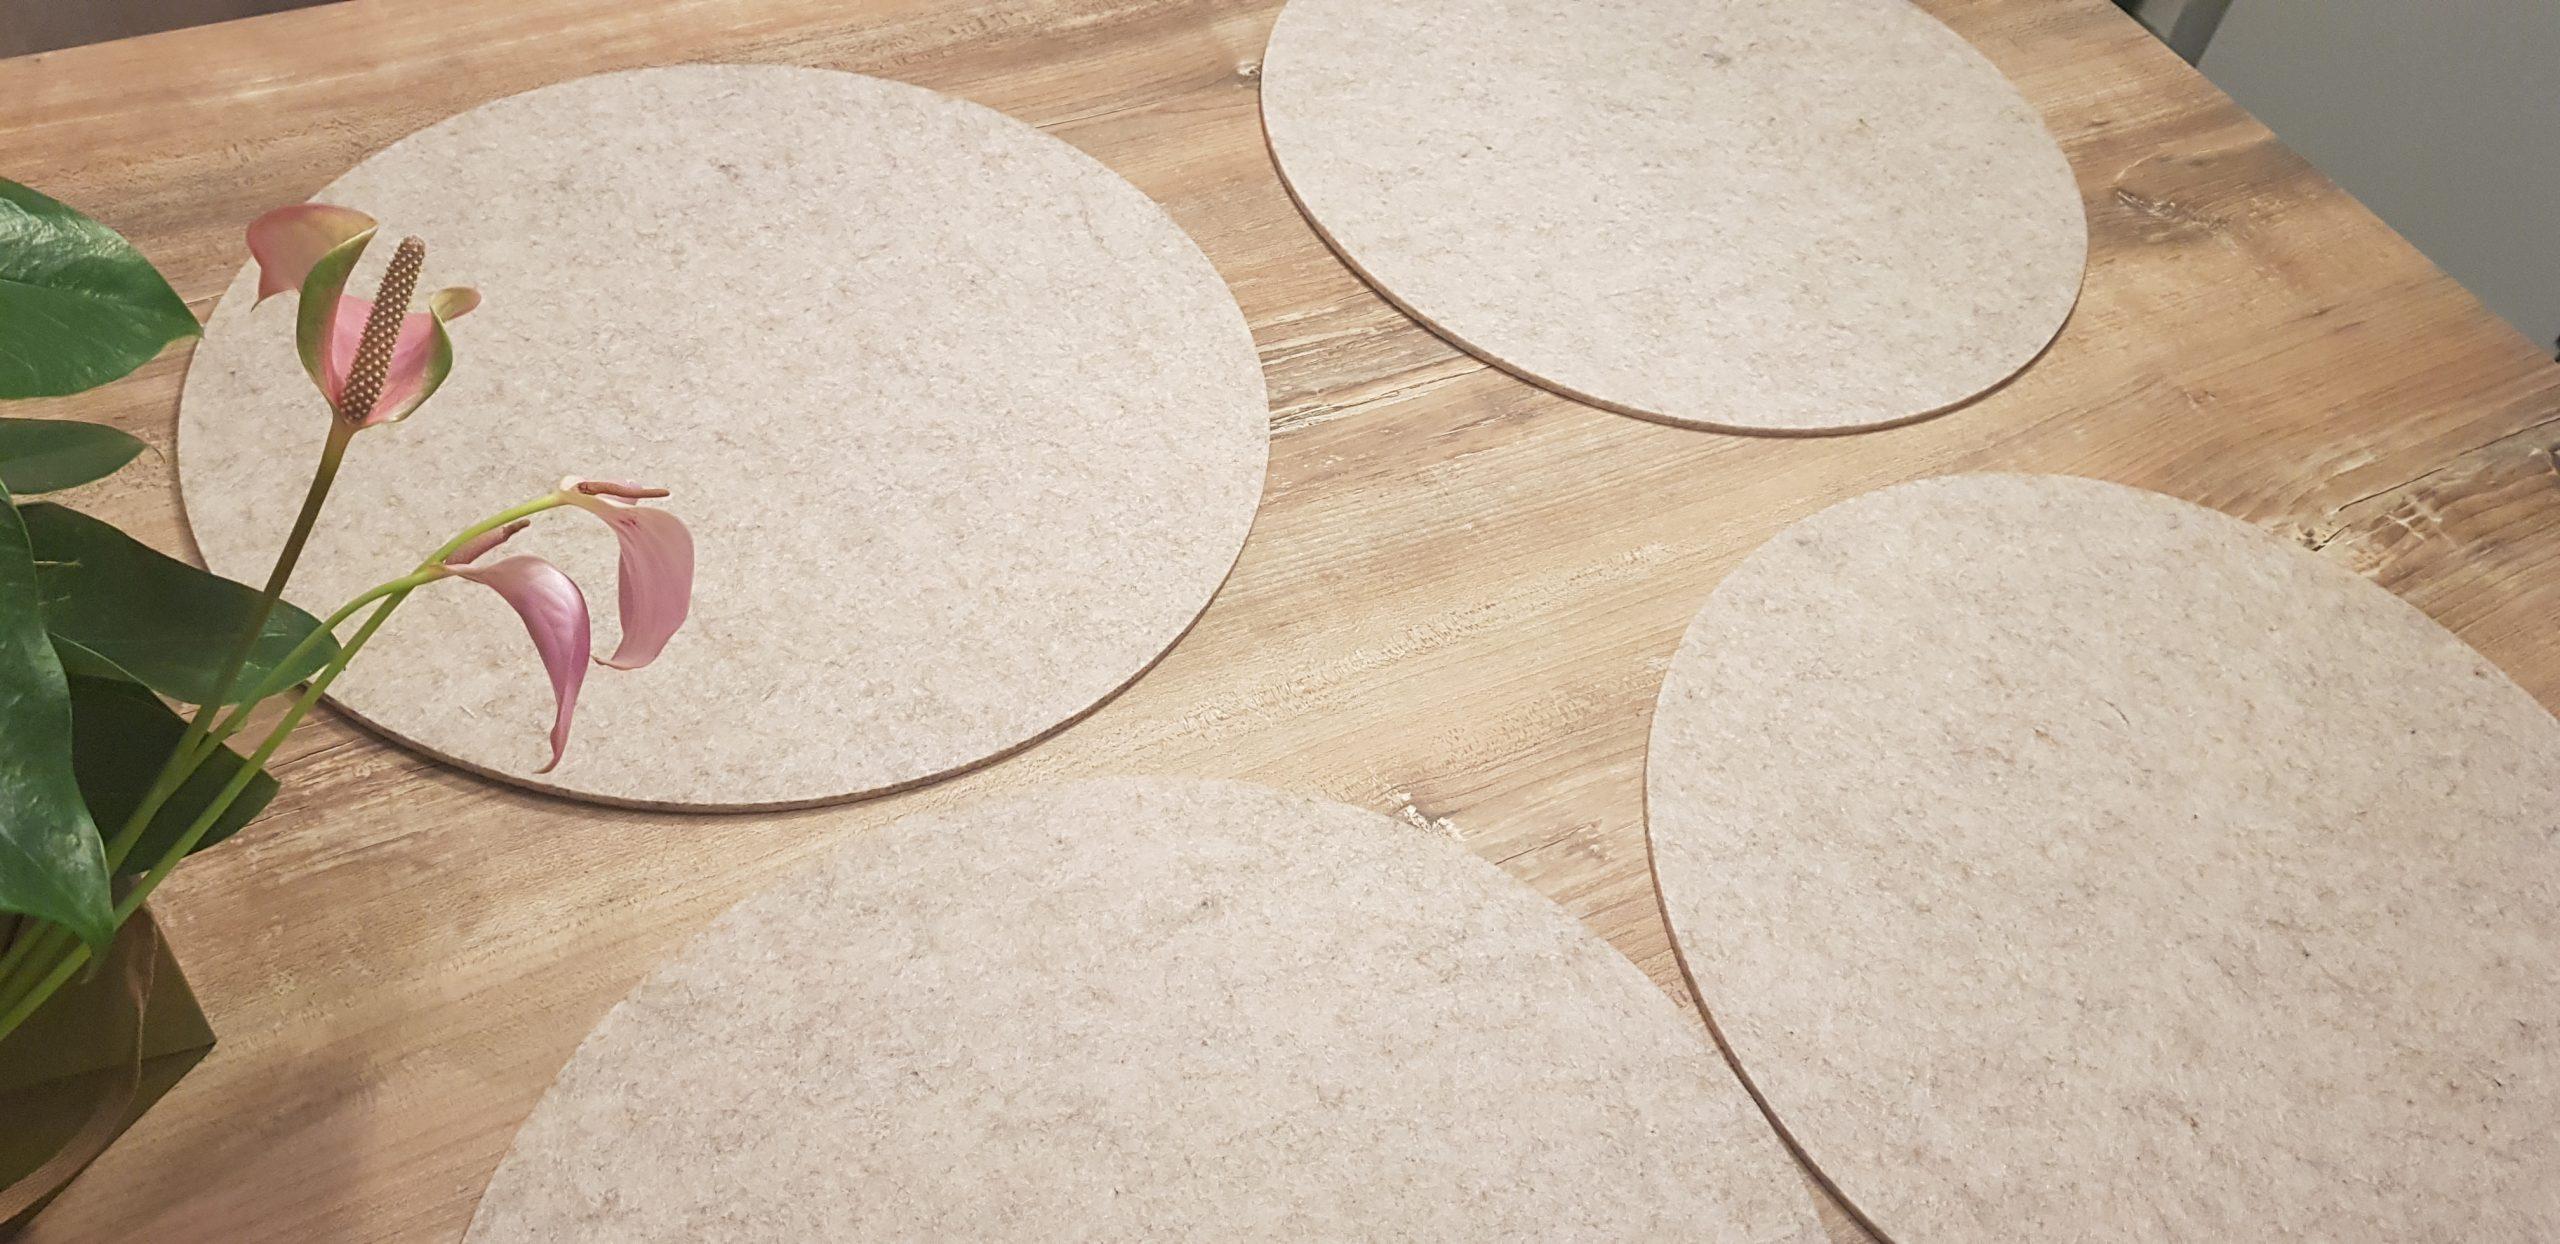 Cremefarbene Filz-Untersetzter rund - Handgemachte individualisierbare Taschen, Körbe, Tischsets, Dekoartikel und mehr auf fideko.de der Onlineshop seit 2011